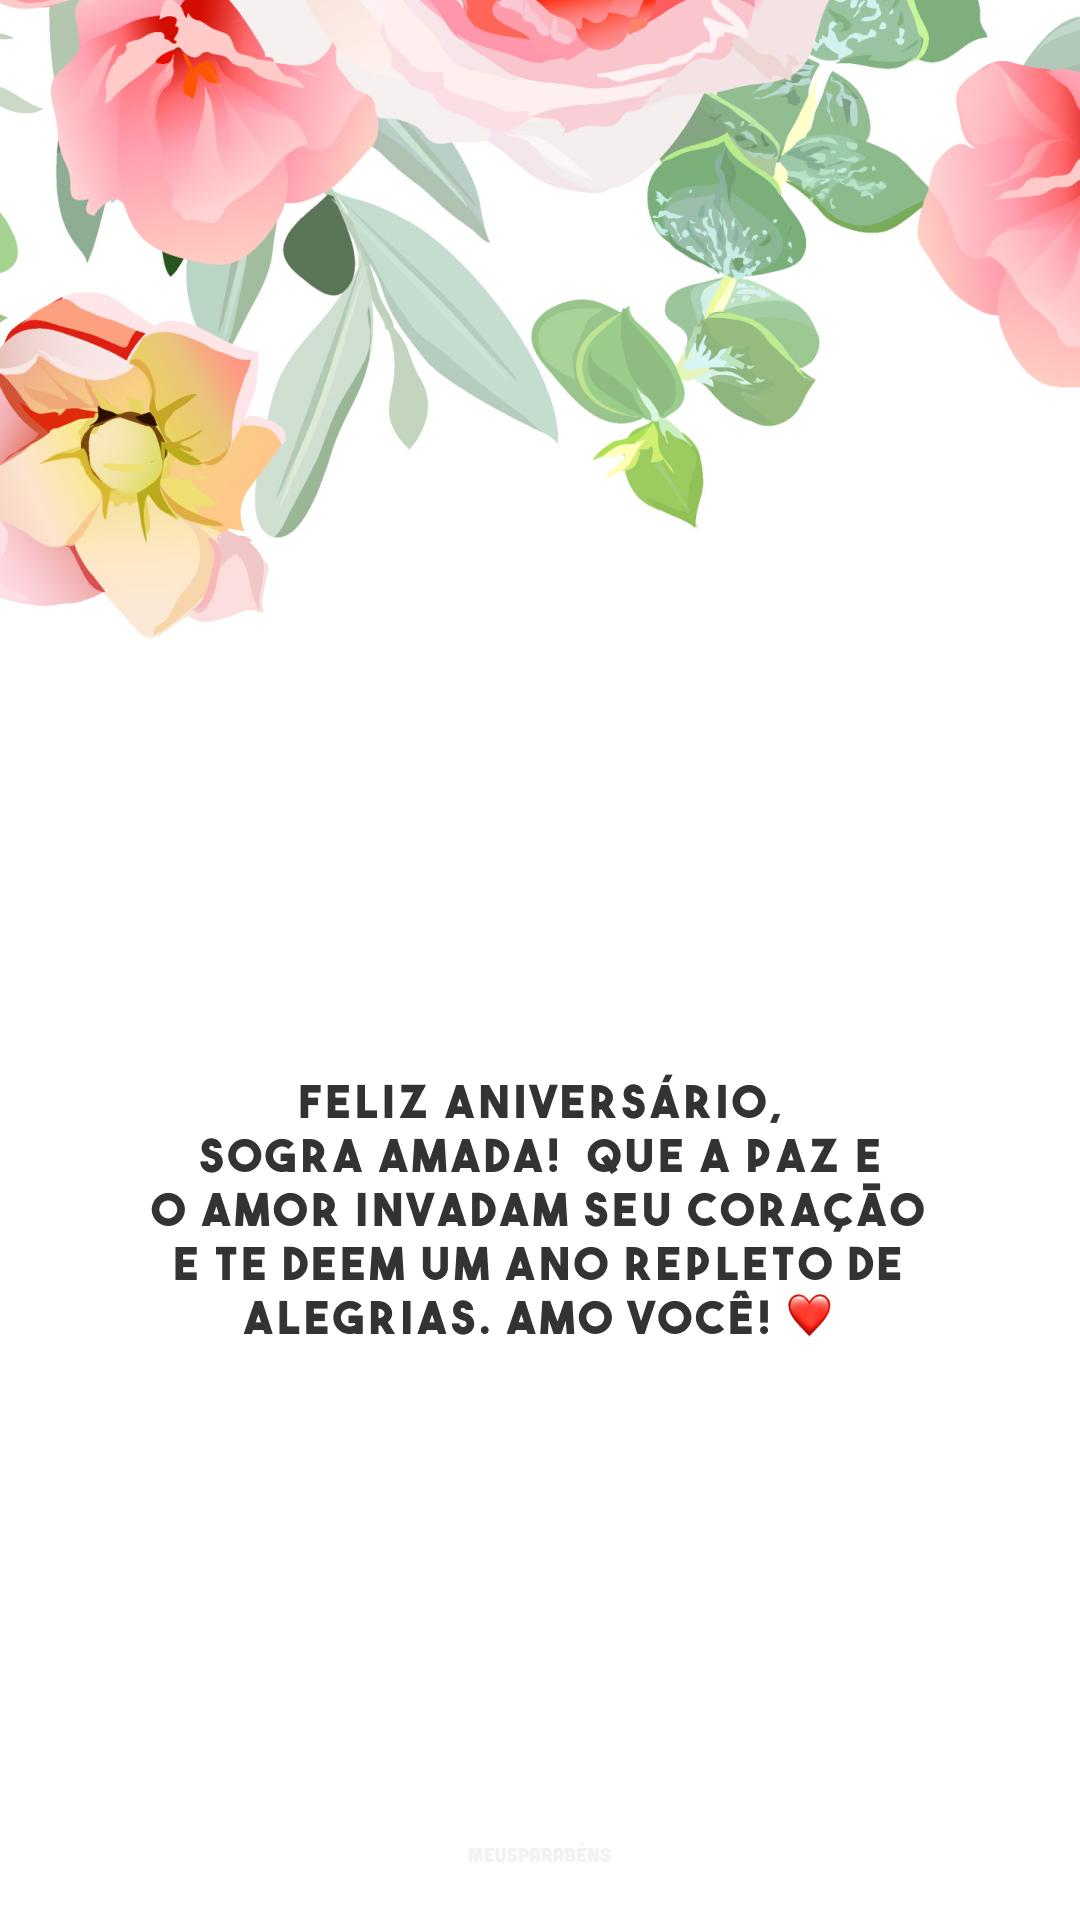 Feliz aniversário, sogra amada!  Que a paz e o amor invadam seu coração e te deem um ano repleto de alegrias. Amo você! ❤️